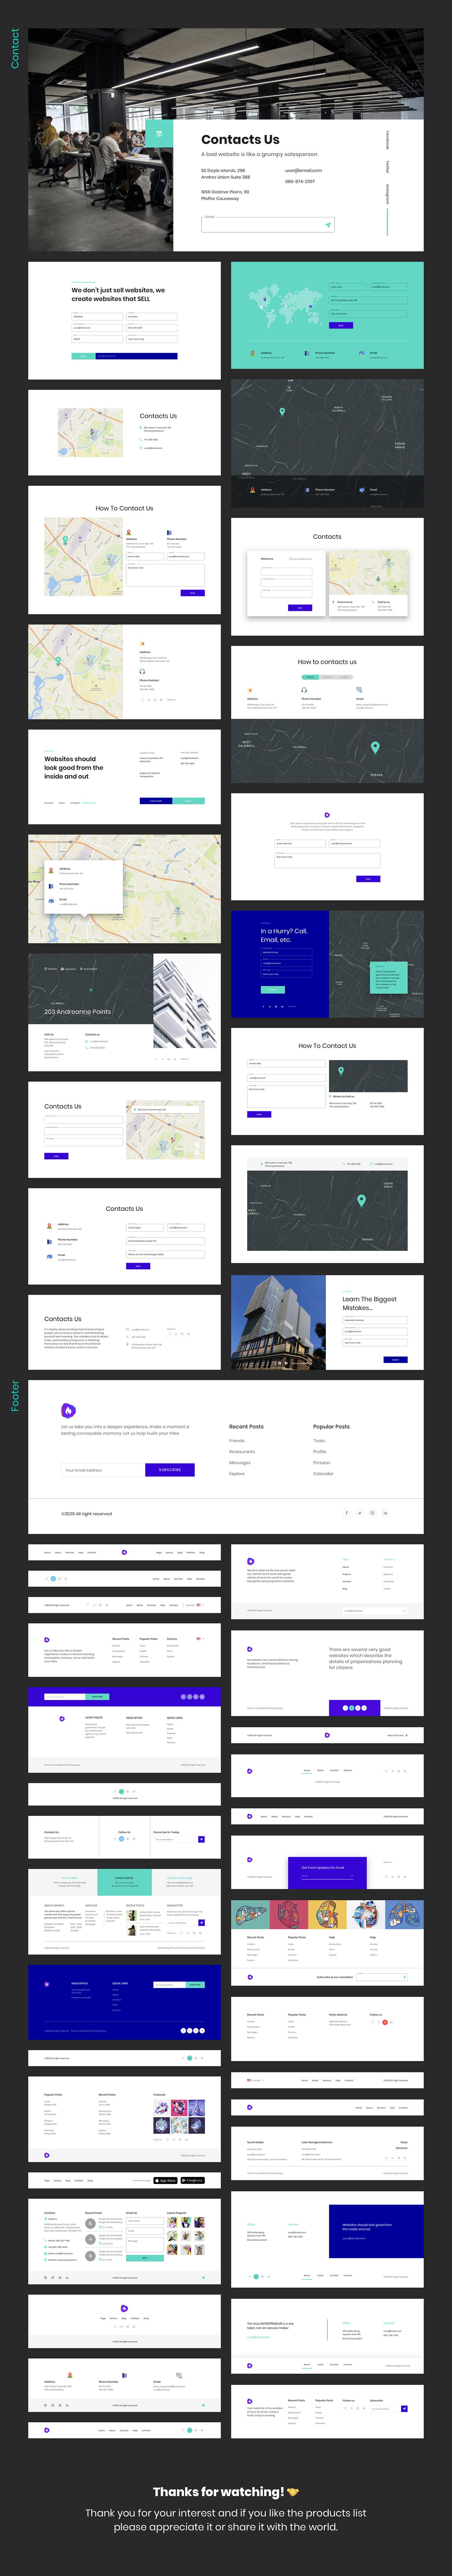 Ataman UI Kit - Templates For Website [Figma] - 9